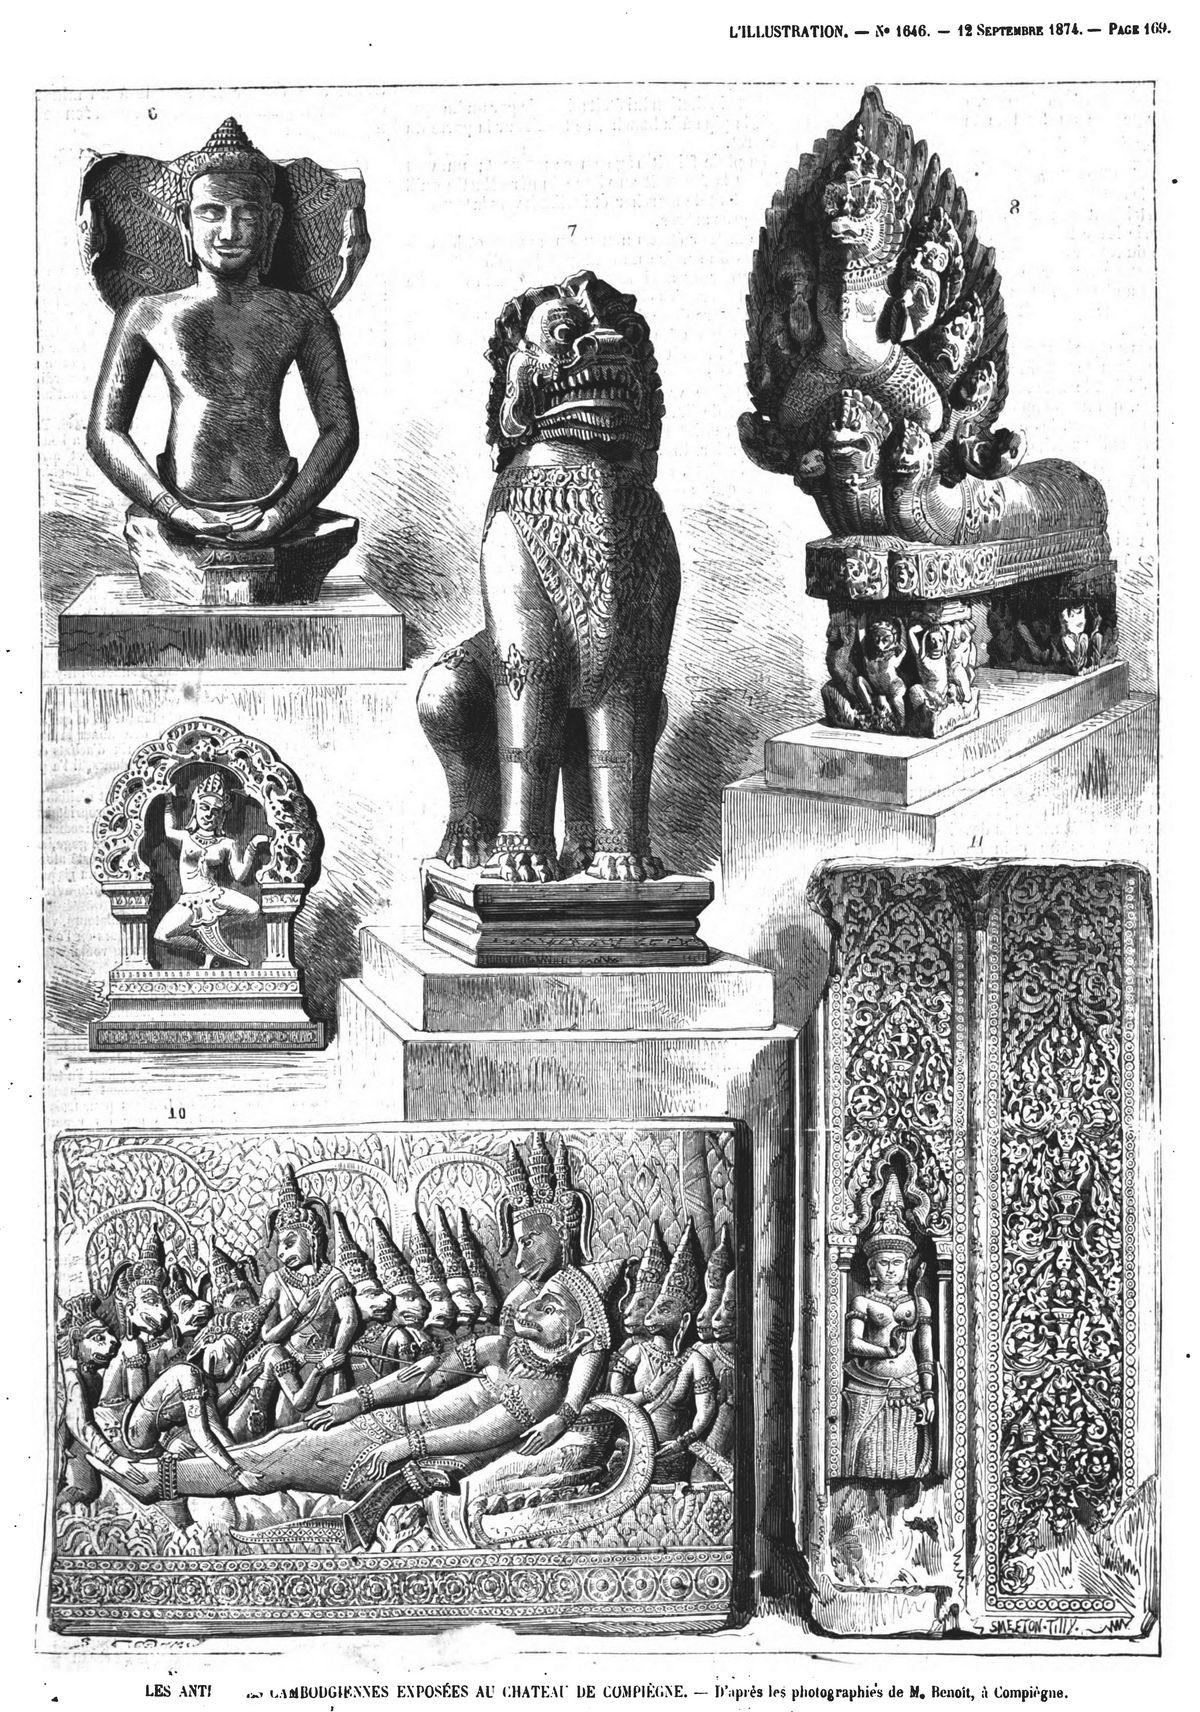 Les antiquités cambodgiennes exposées au château de Compiègne. Gravures 1874